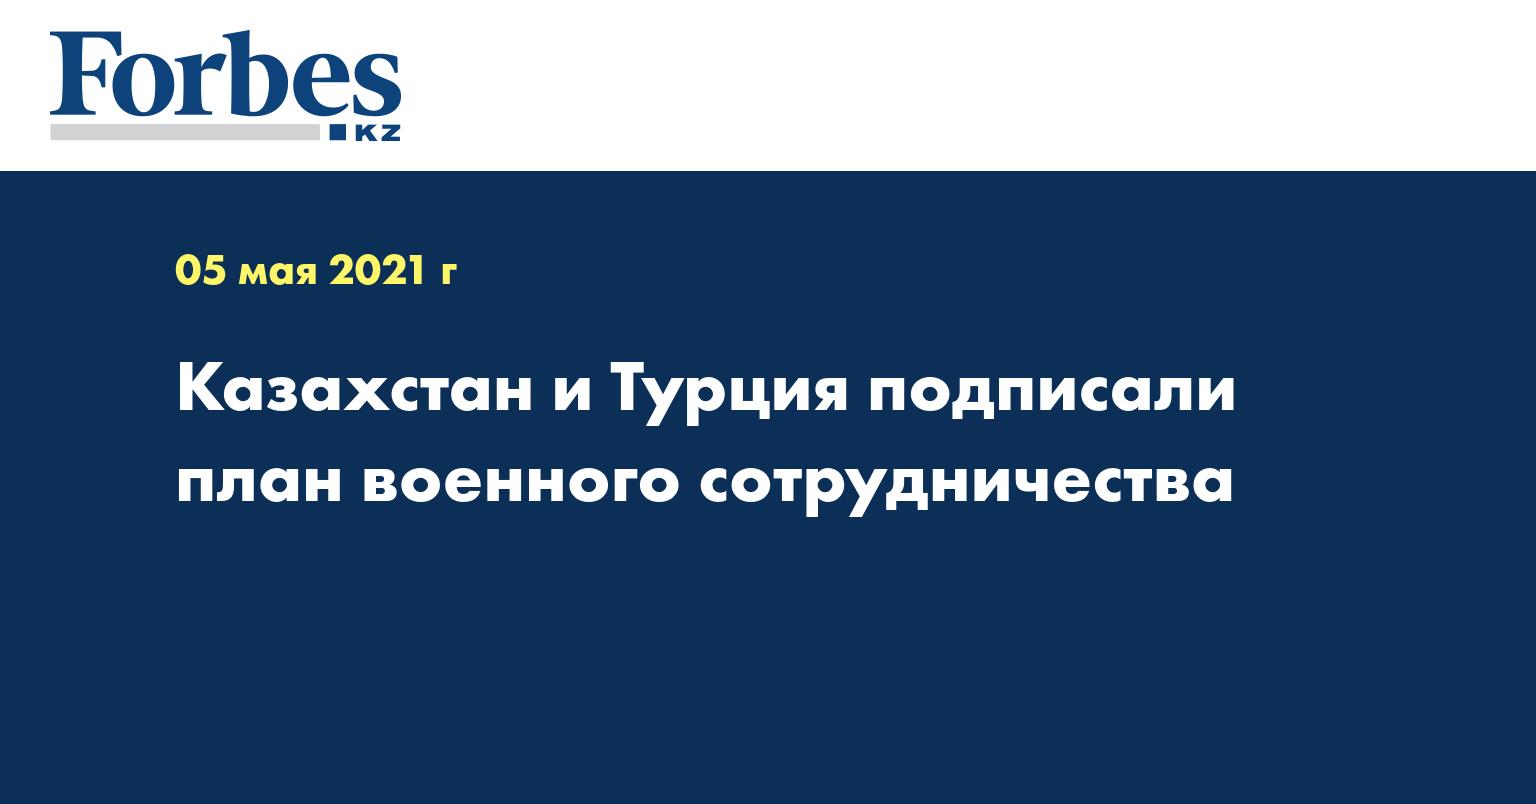 Казахстан и Турция подписали план военного сотрудничества